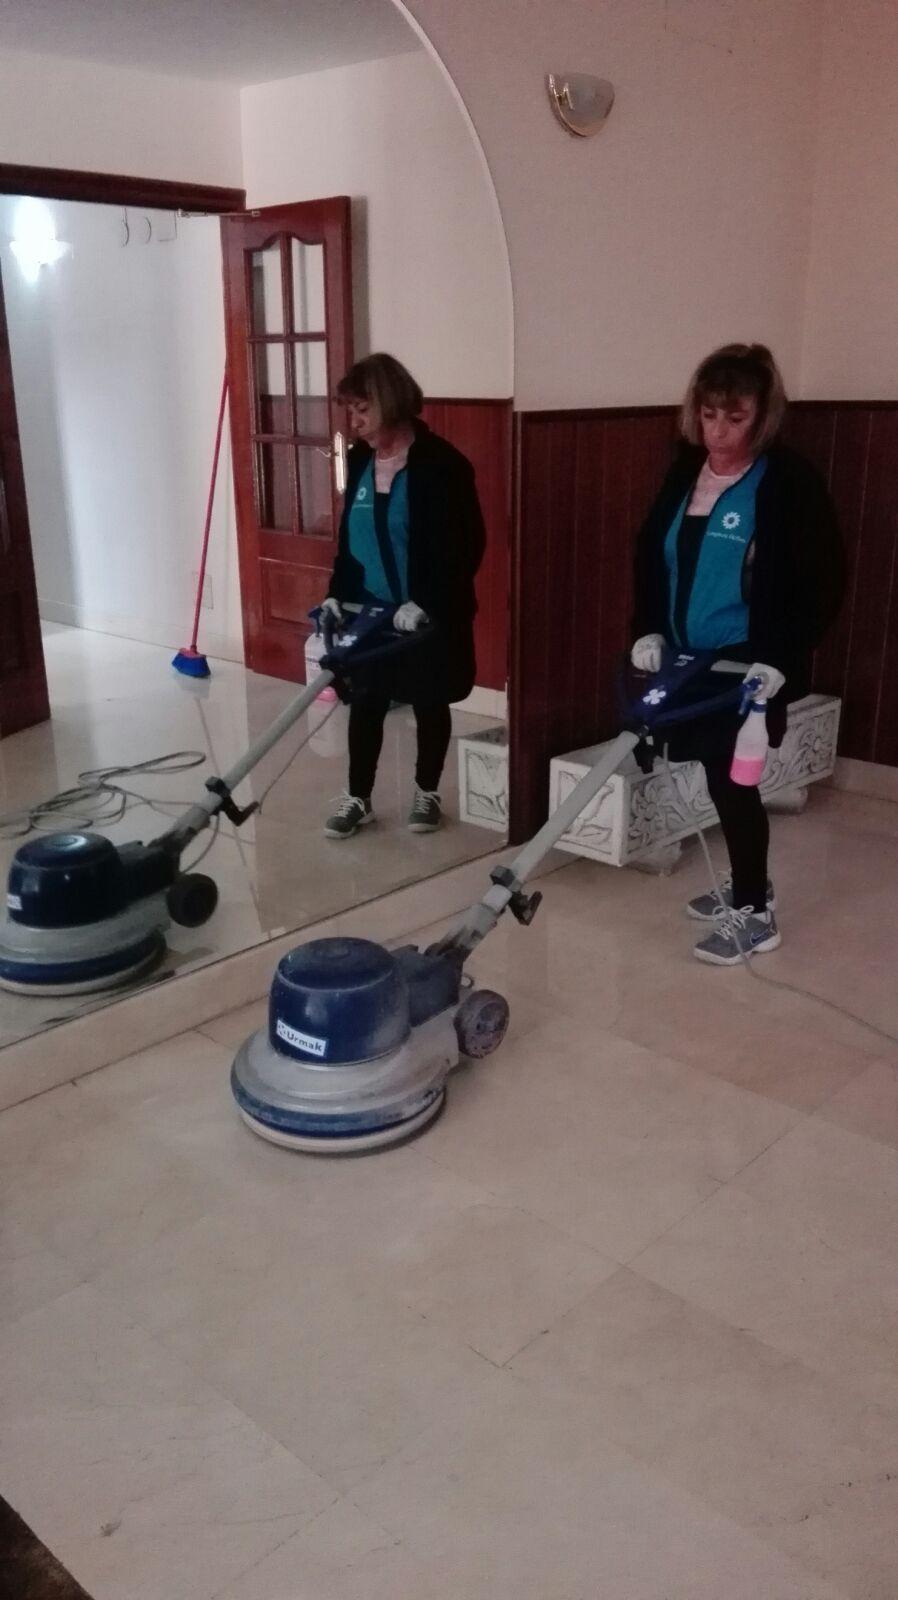 Limpieza de oficinas en vitoria limpiezas activa s l for Oficina correos vitoria